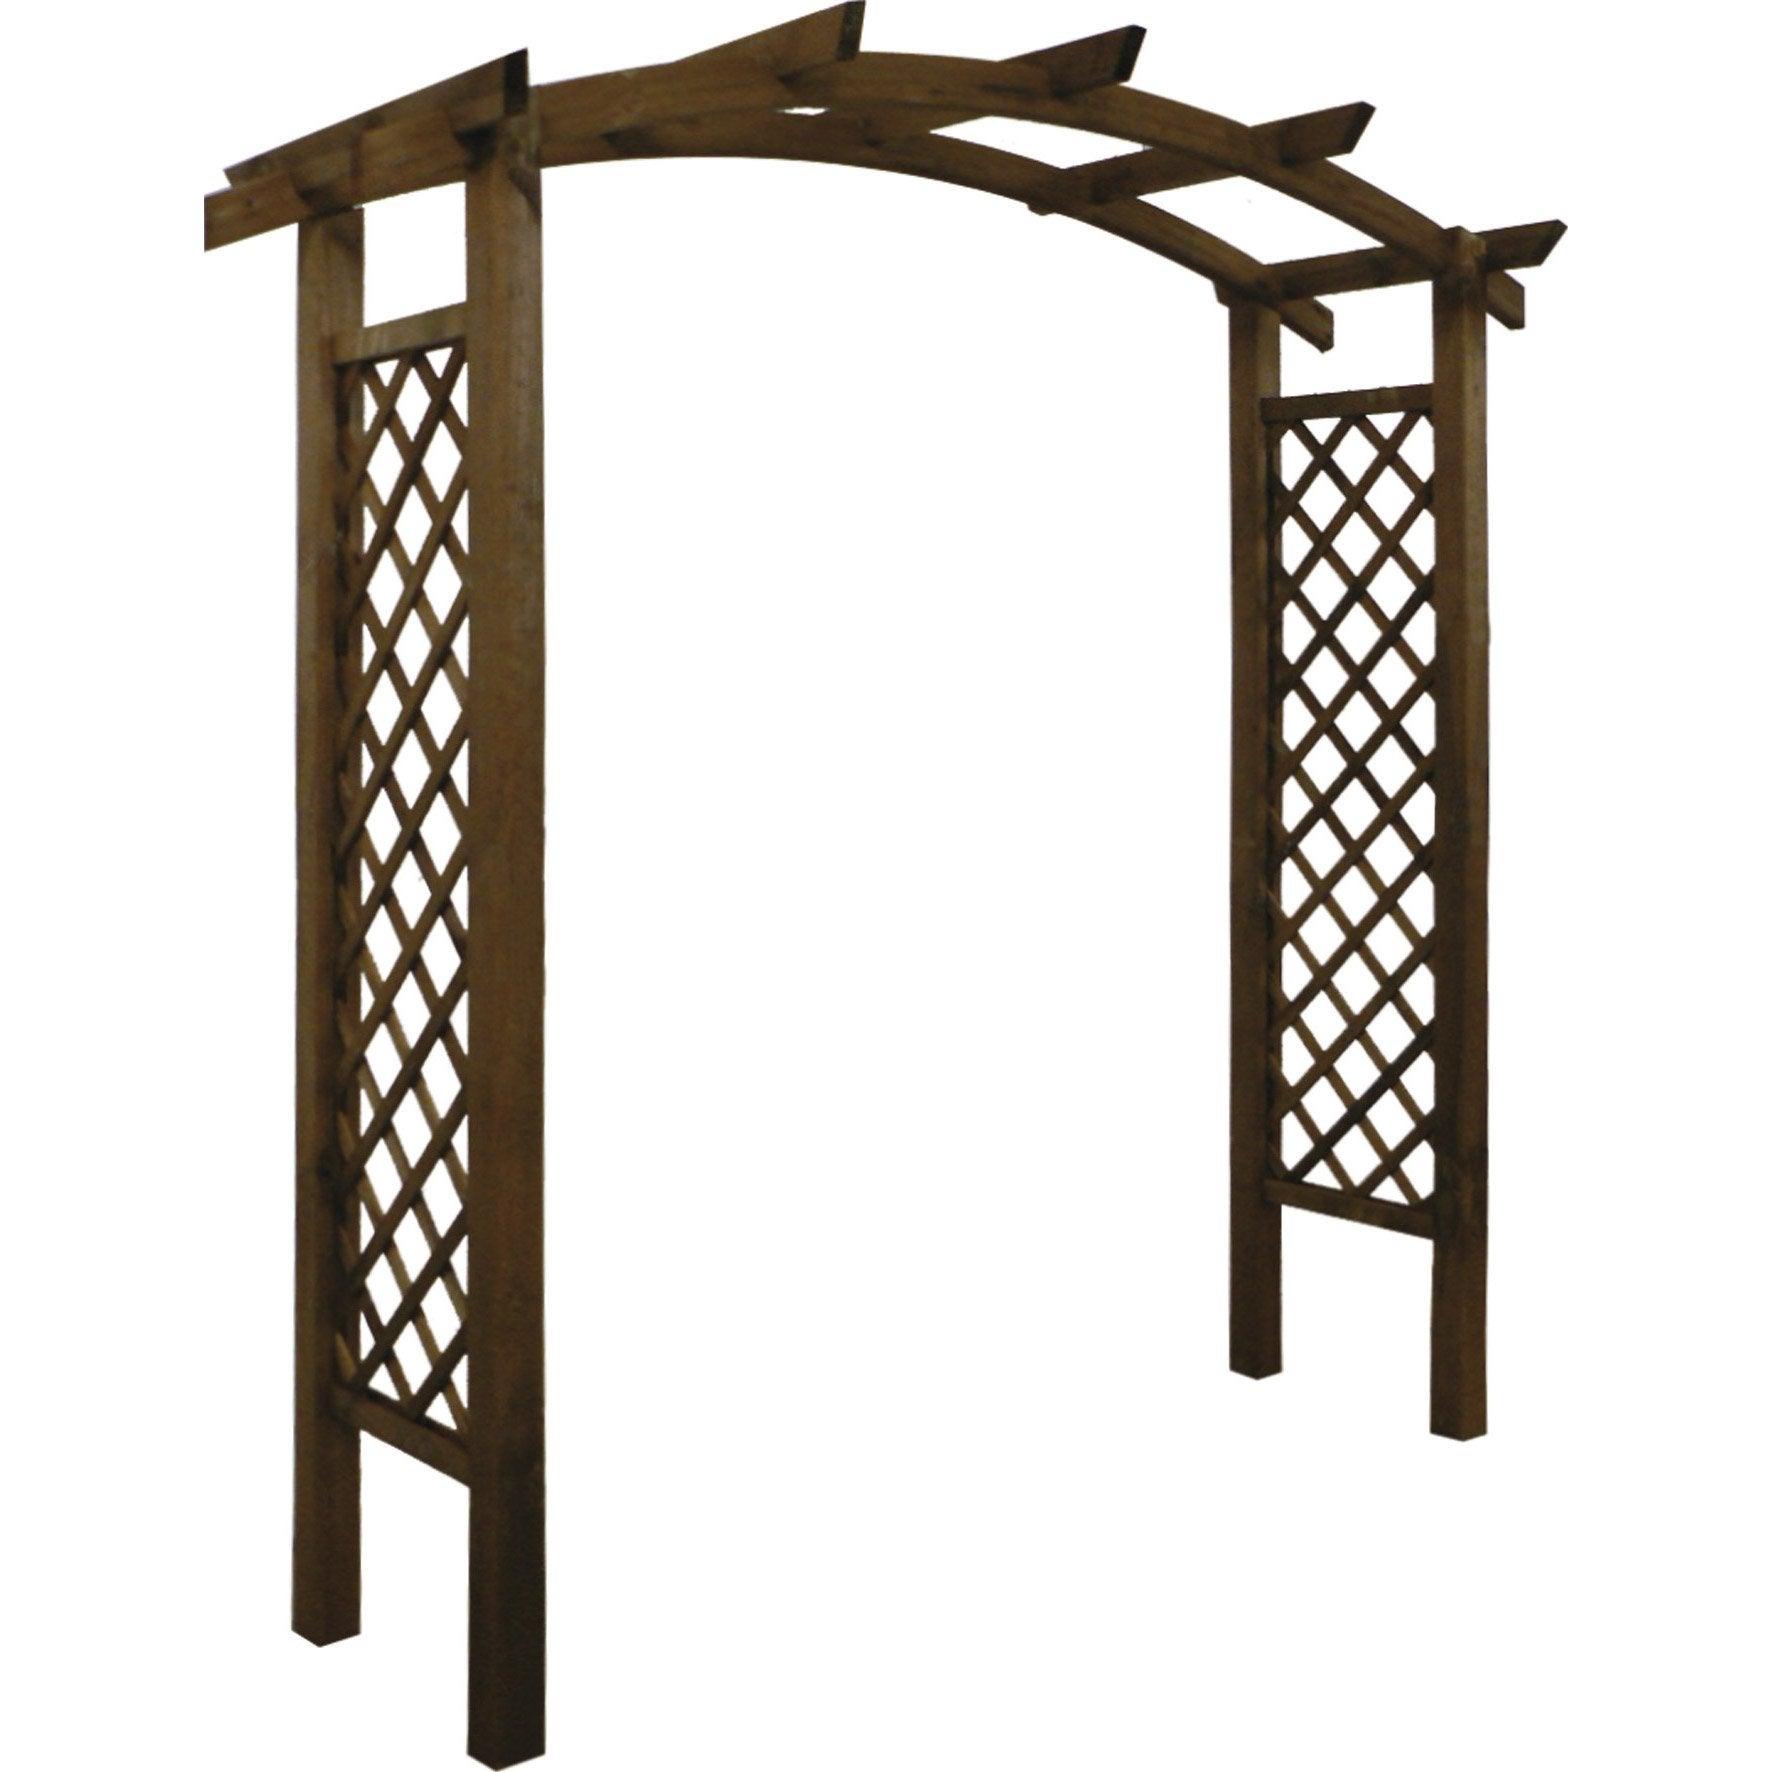 Jardin Tonnelles Arche En Treillis En Bois Pour Jardin ... avec Arche Pour Jardin